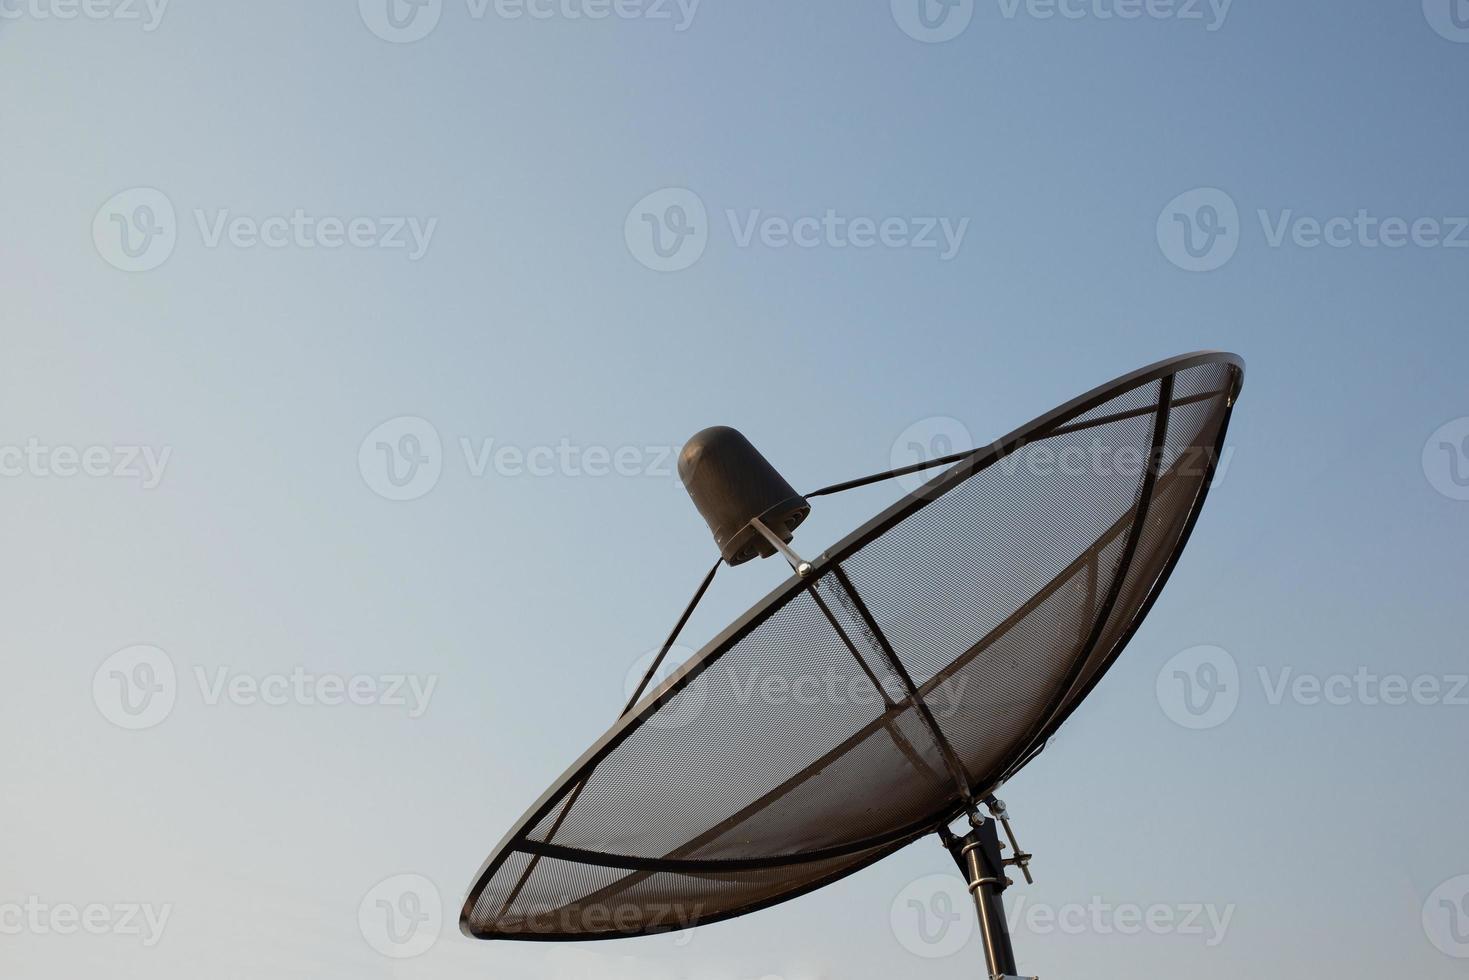 grande antenne parabolique noire. photo